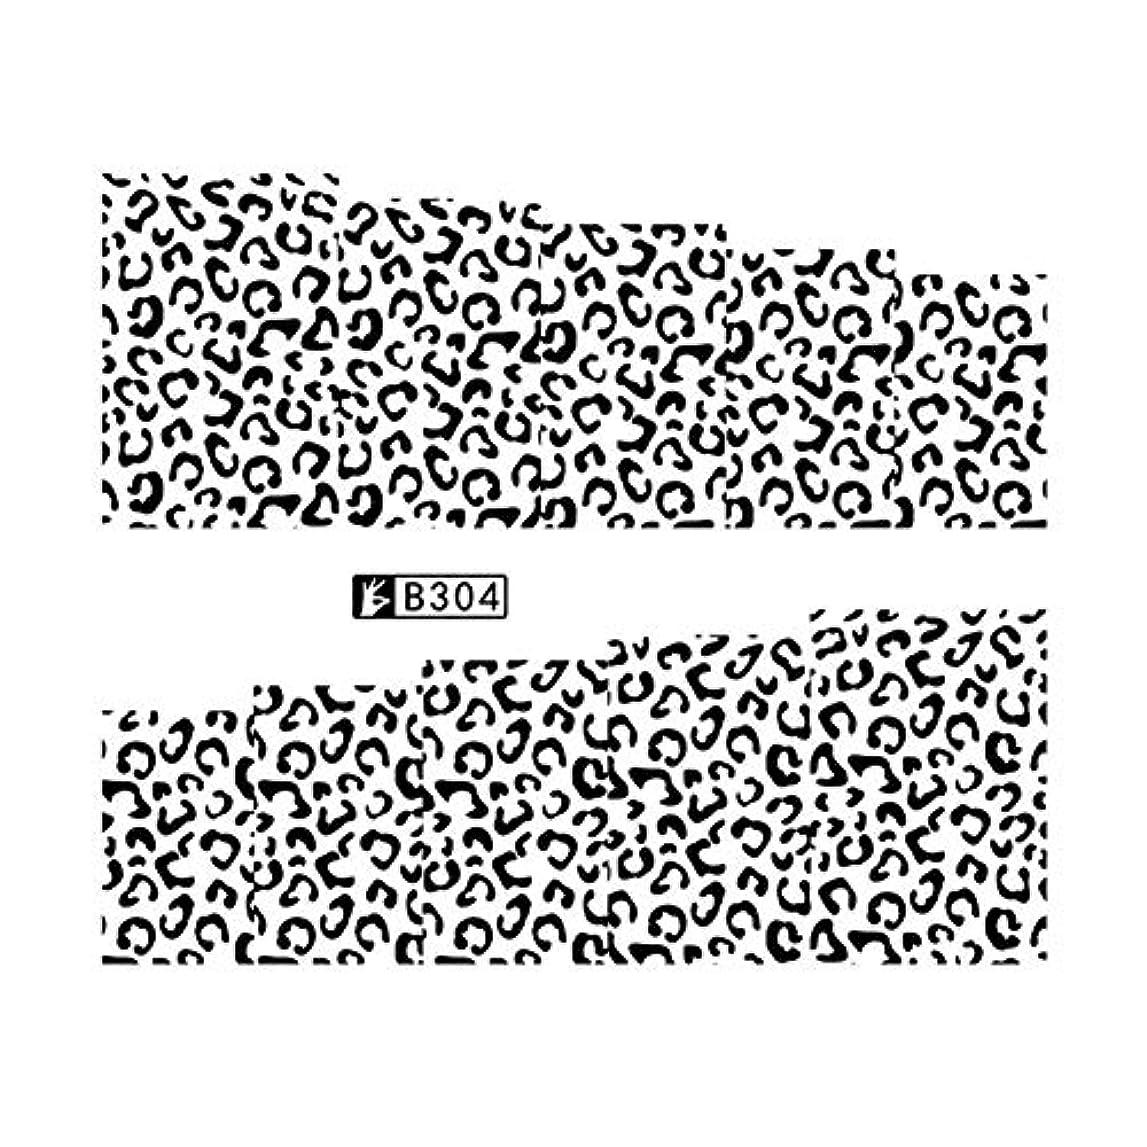 時間とともに緯度島LITI ネイルシール 動物のヒョウ柄 レオパード柄 アニマル柄 豹柄 転印シール ネイルステッカー 可愛いネイル飾り 3Dネイルシール テープ ネイル パーツ